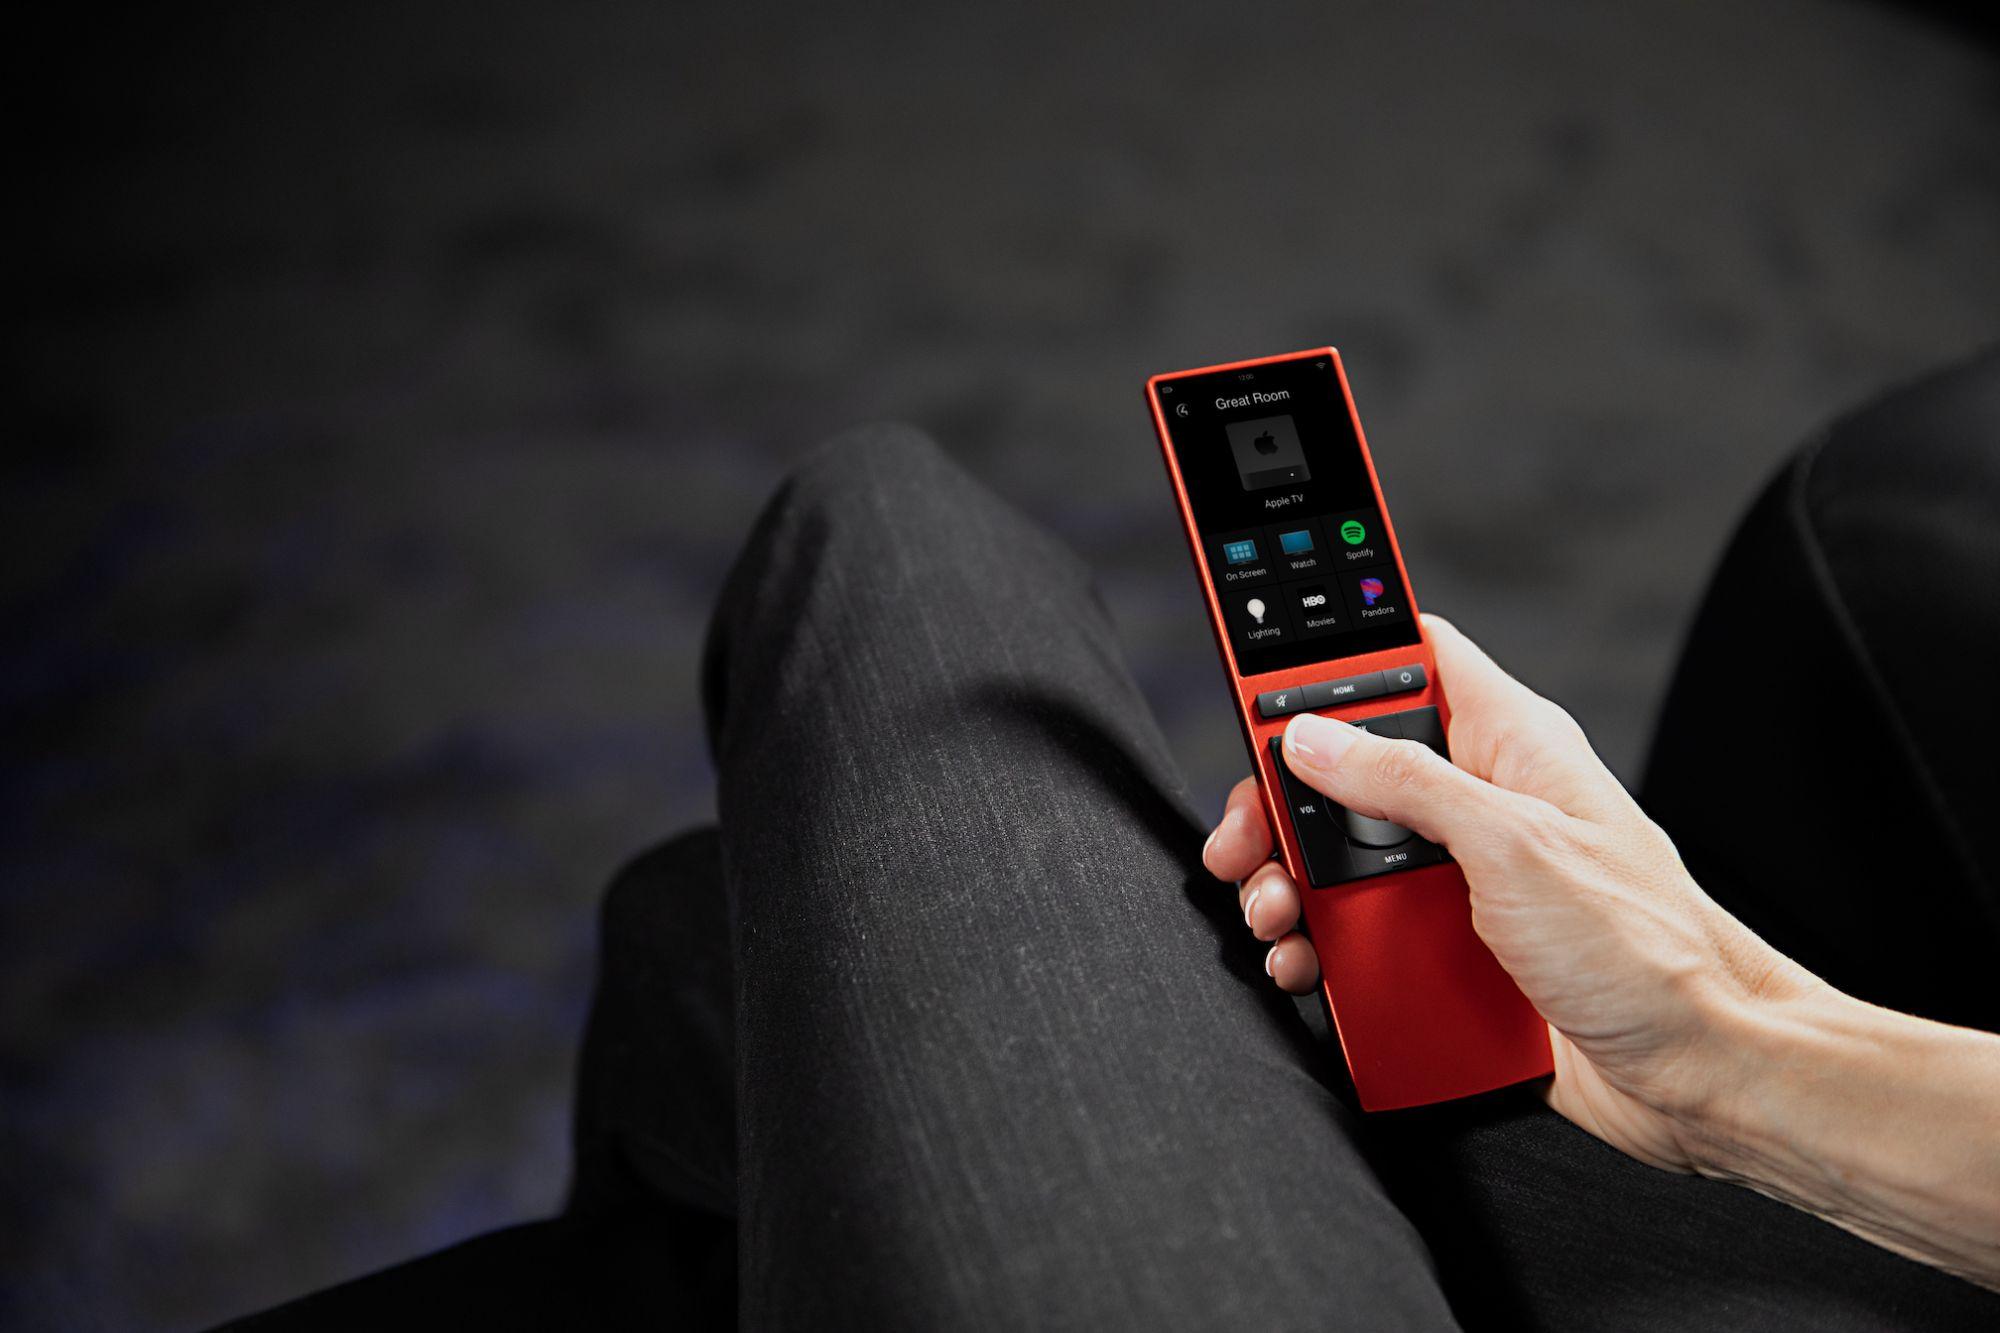 Controle remoto universal é uma interface de controle da automação residencial